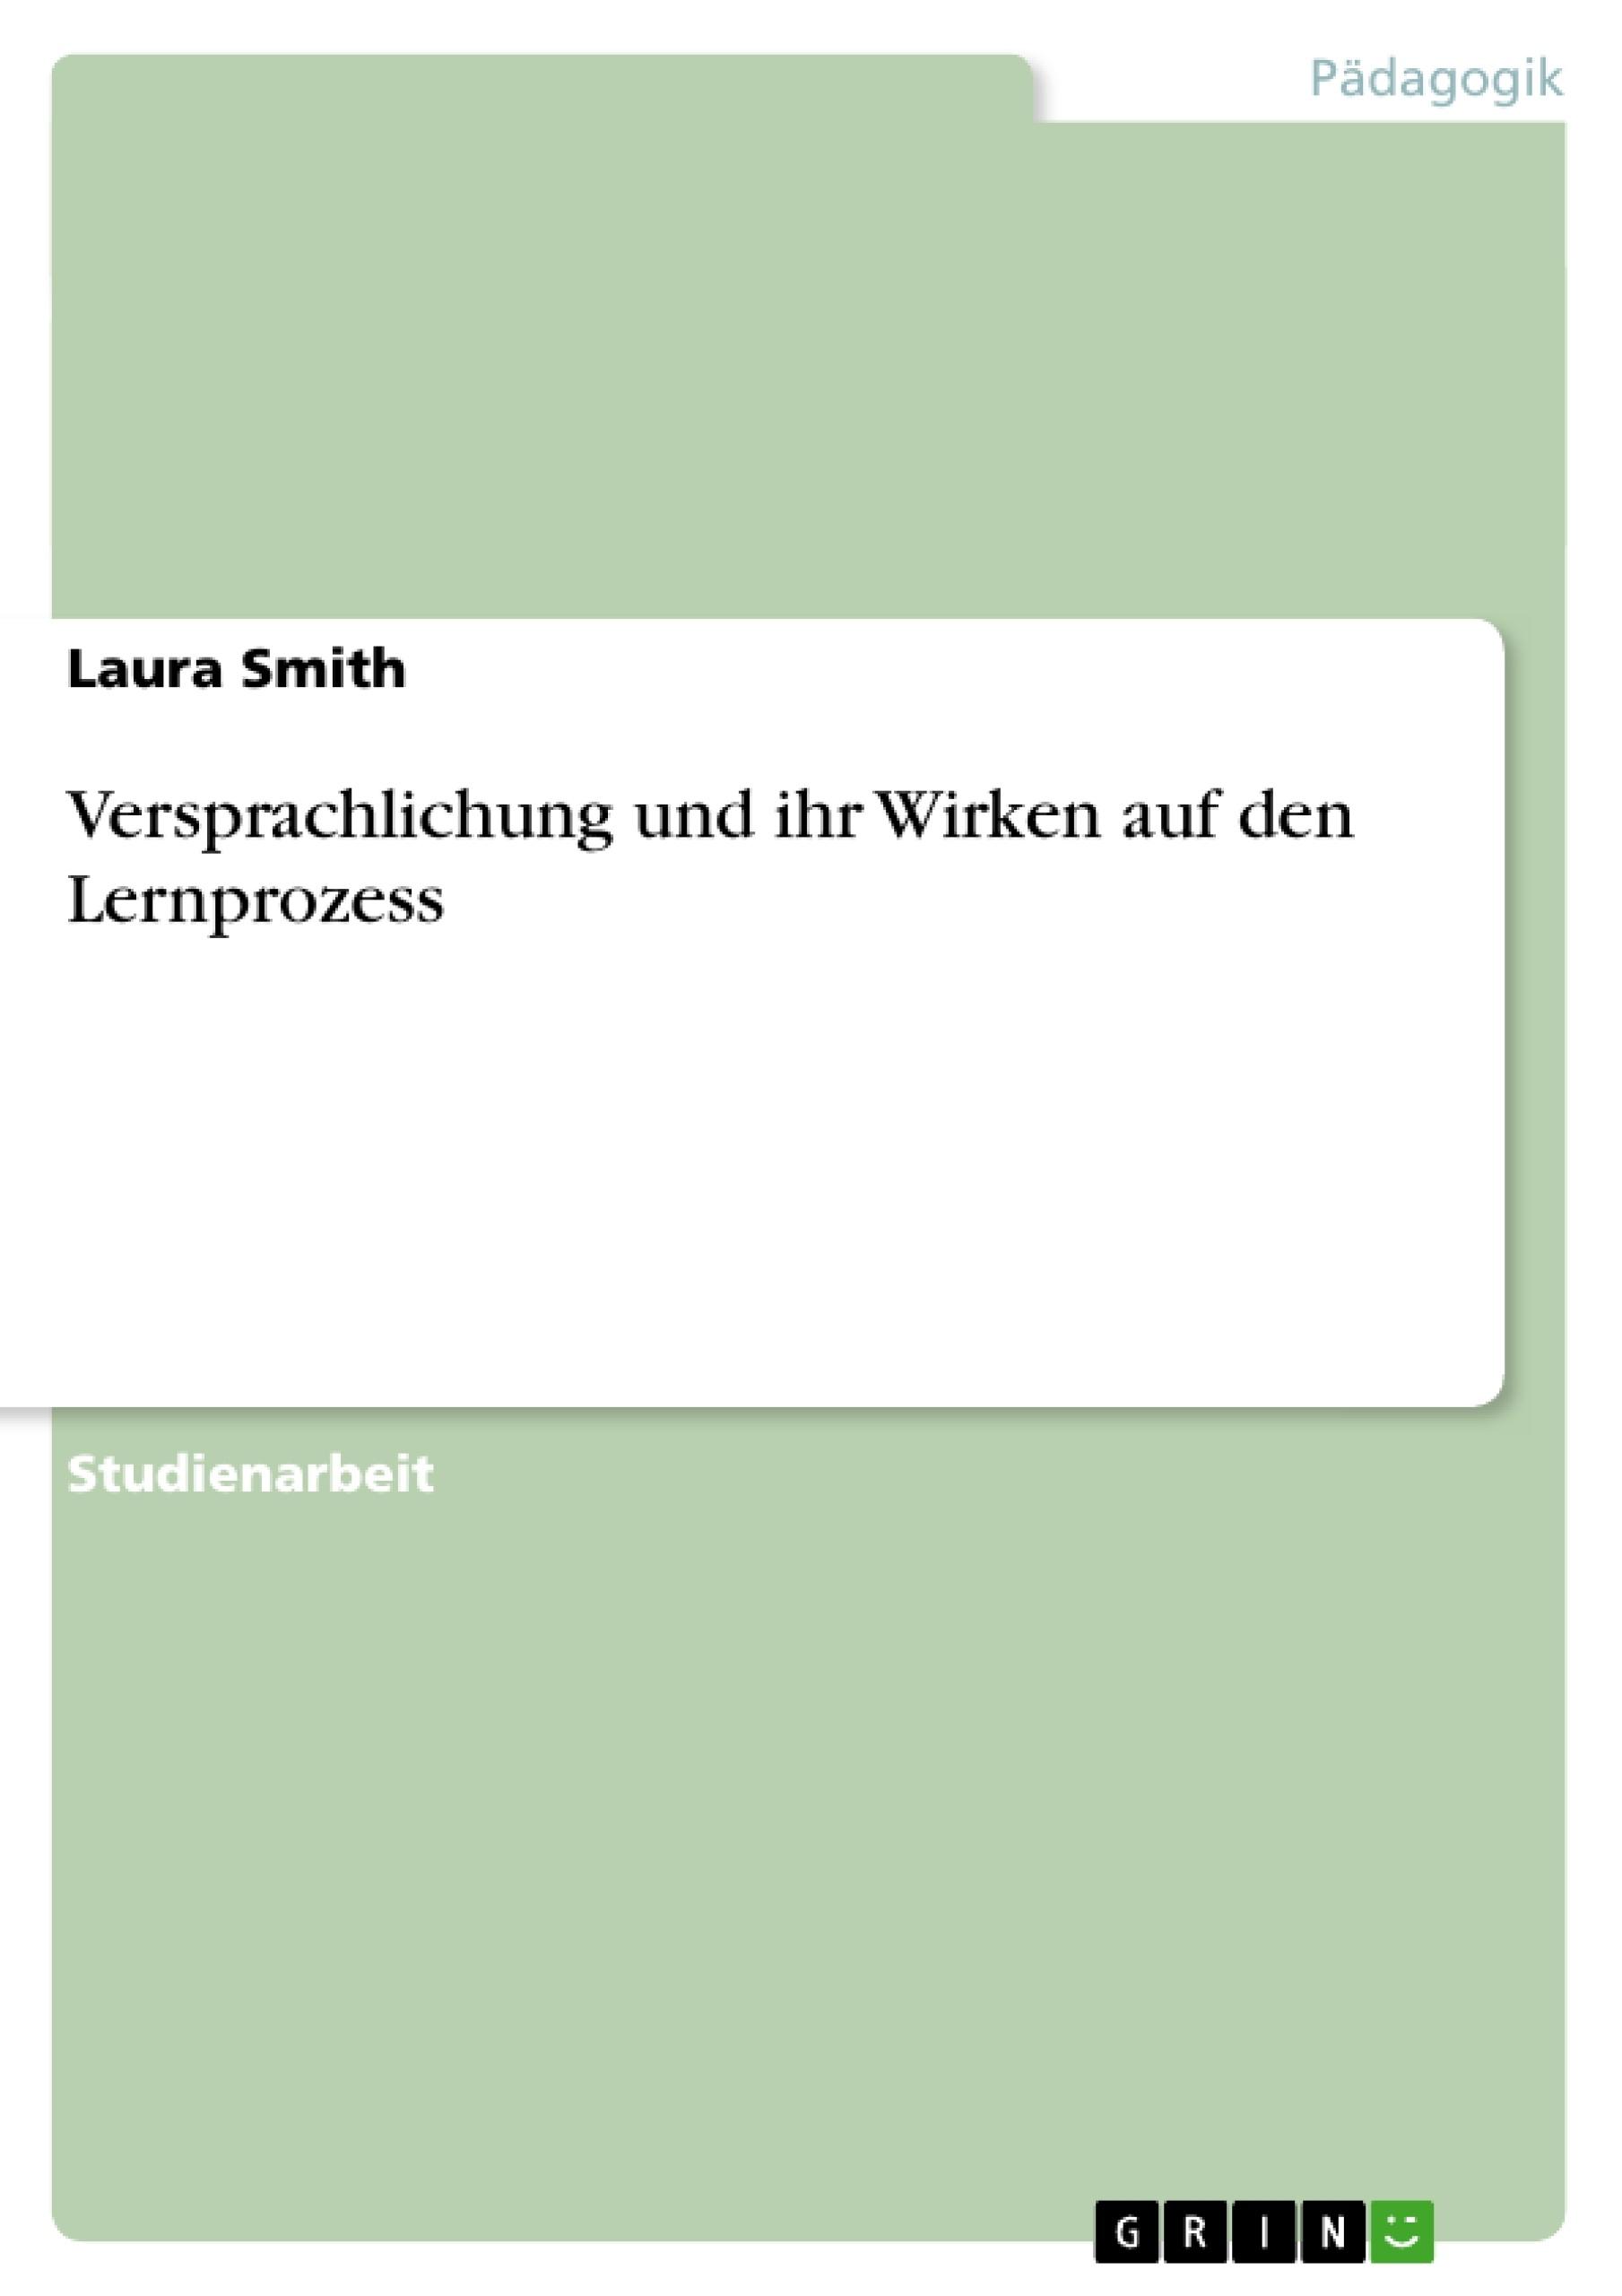 Titel: Versprachlichung und ihr Wirken auf den Lernprozess